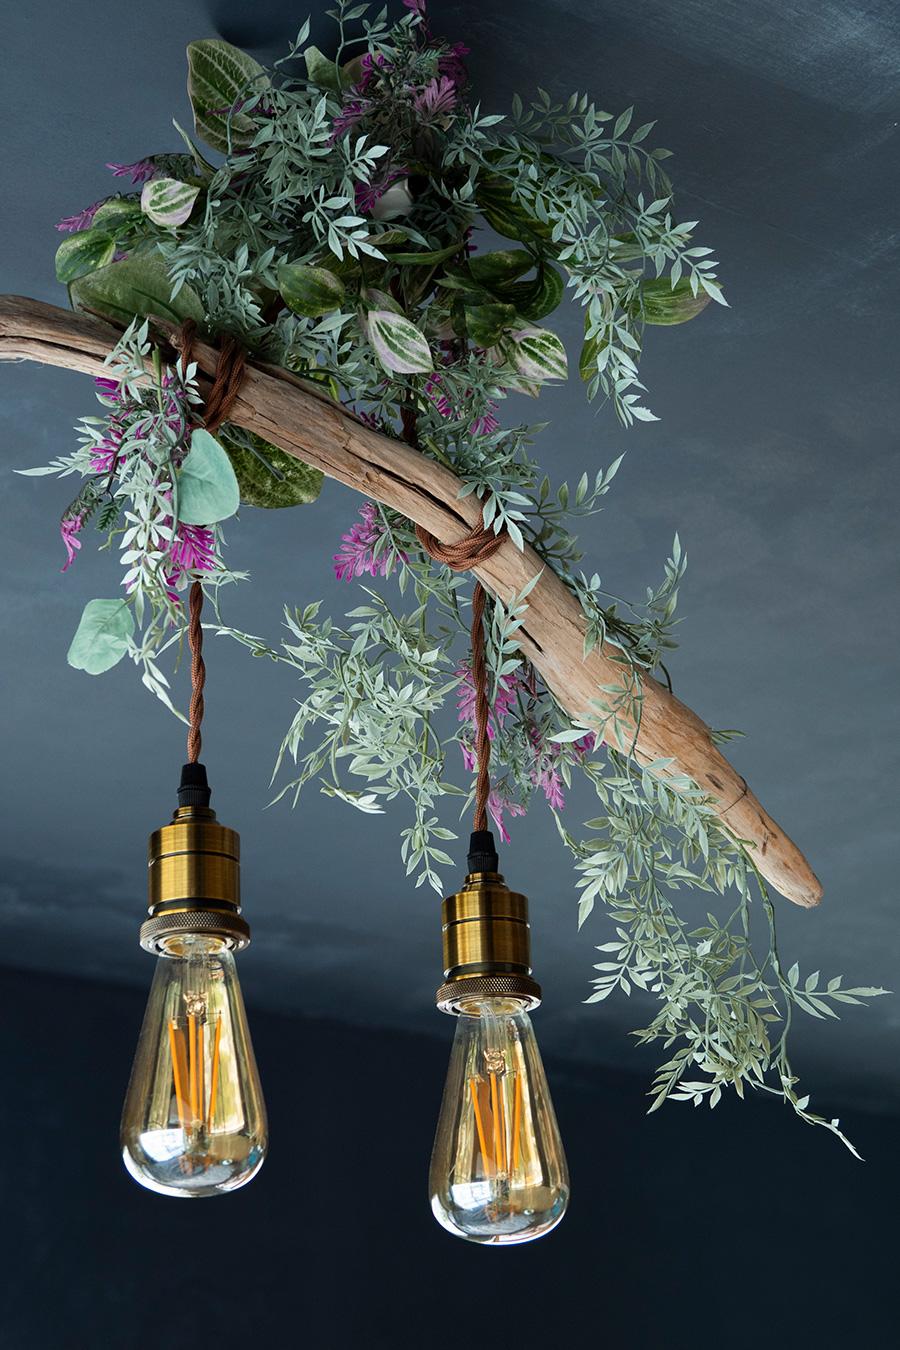 拾ってきた流木を使って、天井さんが作った照明。グリーンと真鍮メッキの組み合わせが素敵。